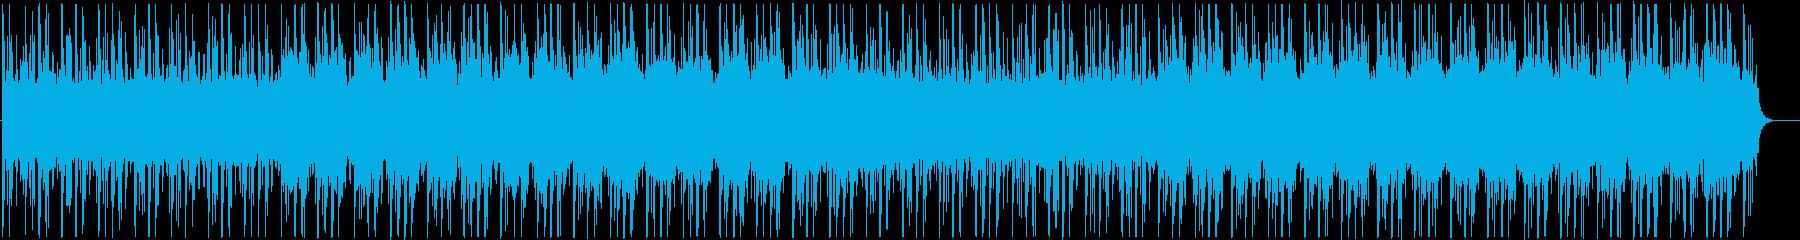 おしゃれで優しいチルHipHopの再生済みの波形